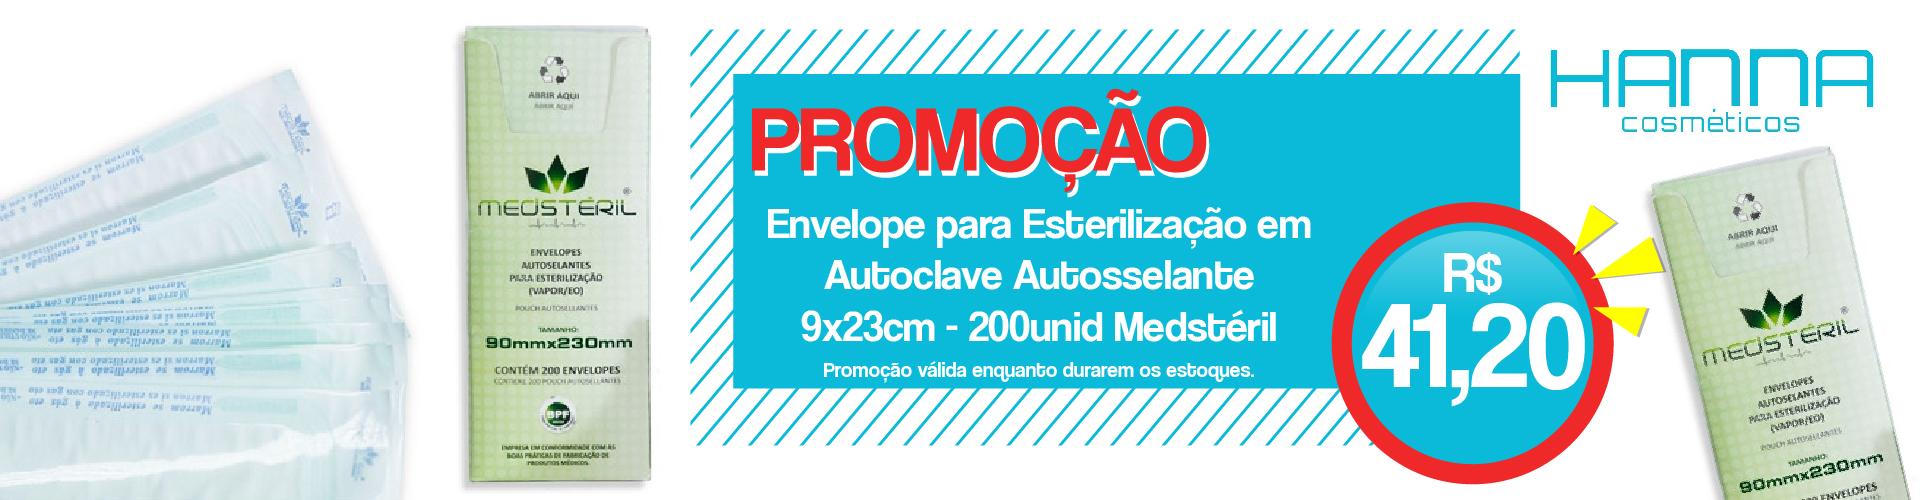 Promoção Envelope Esterilização